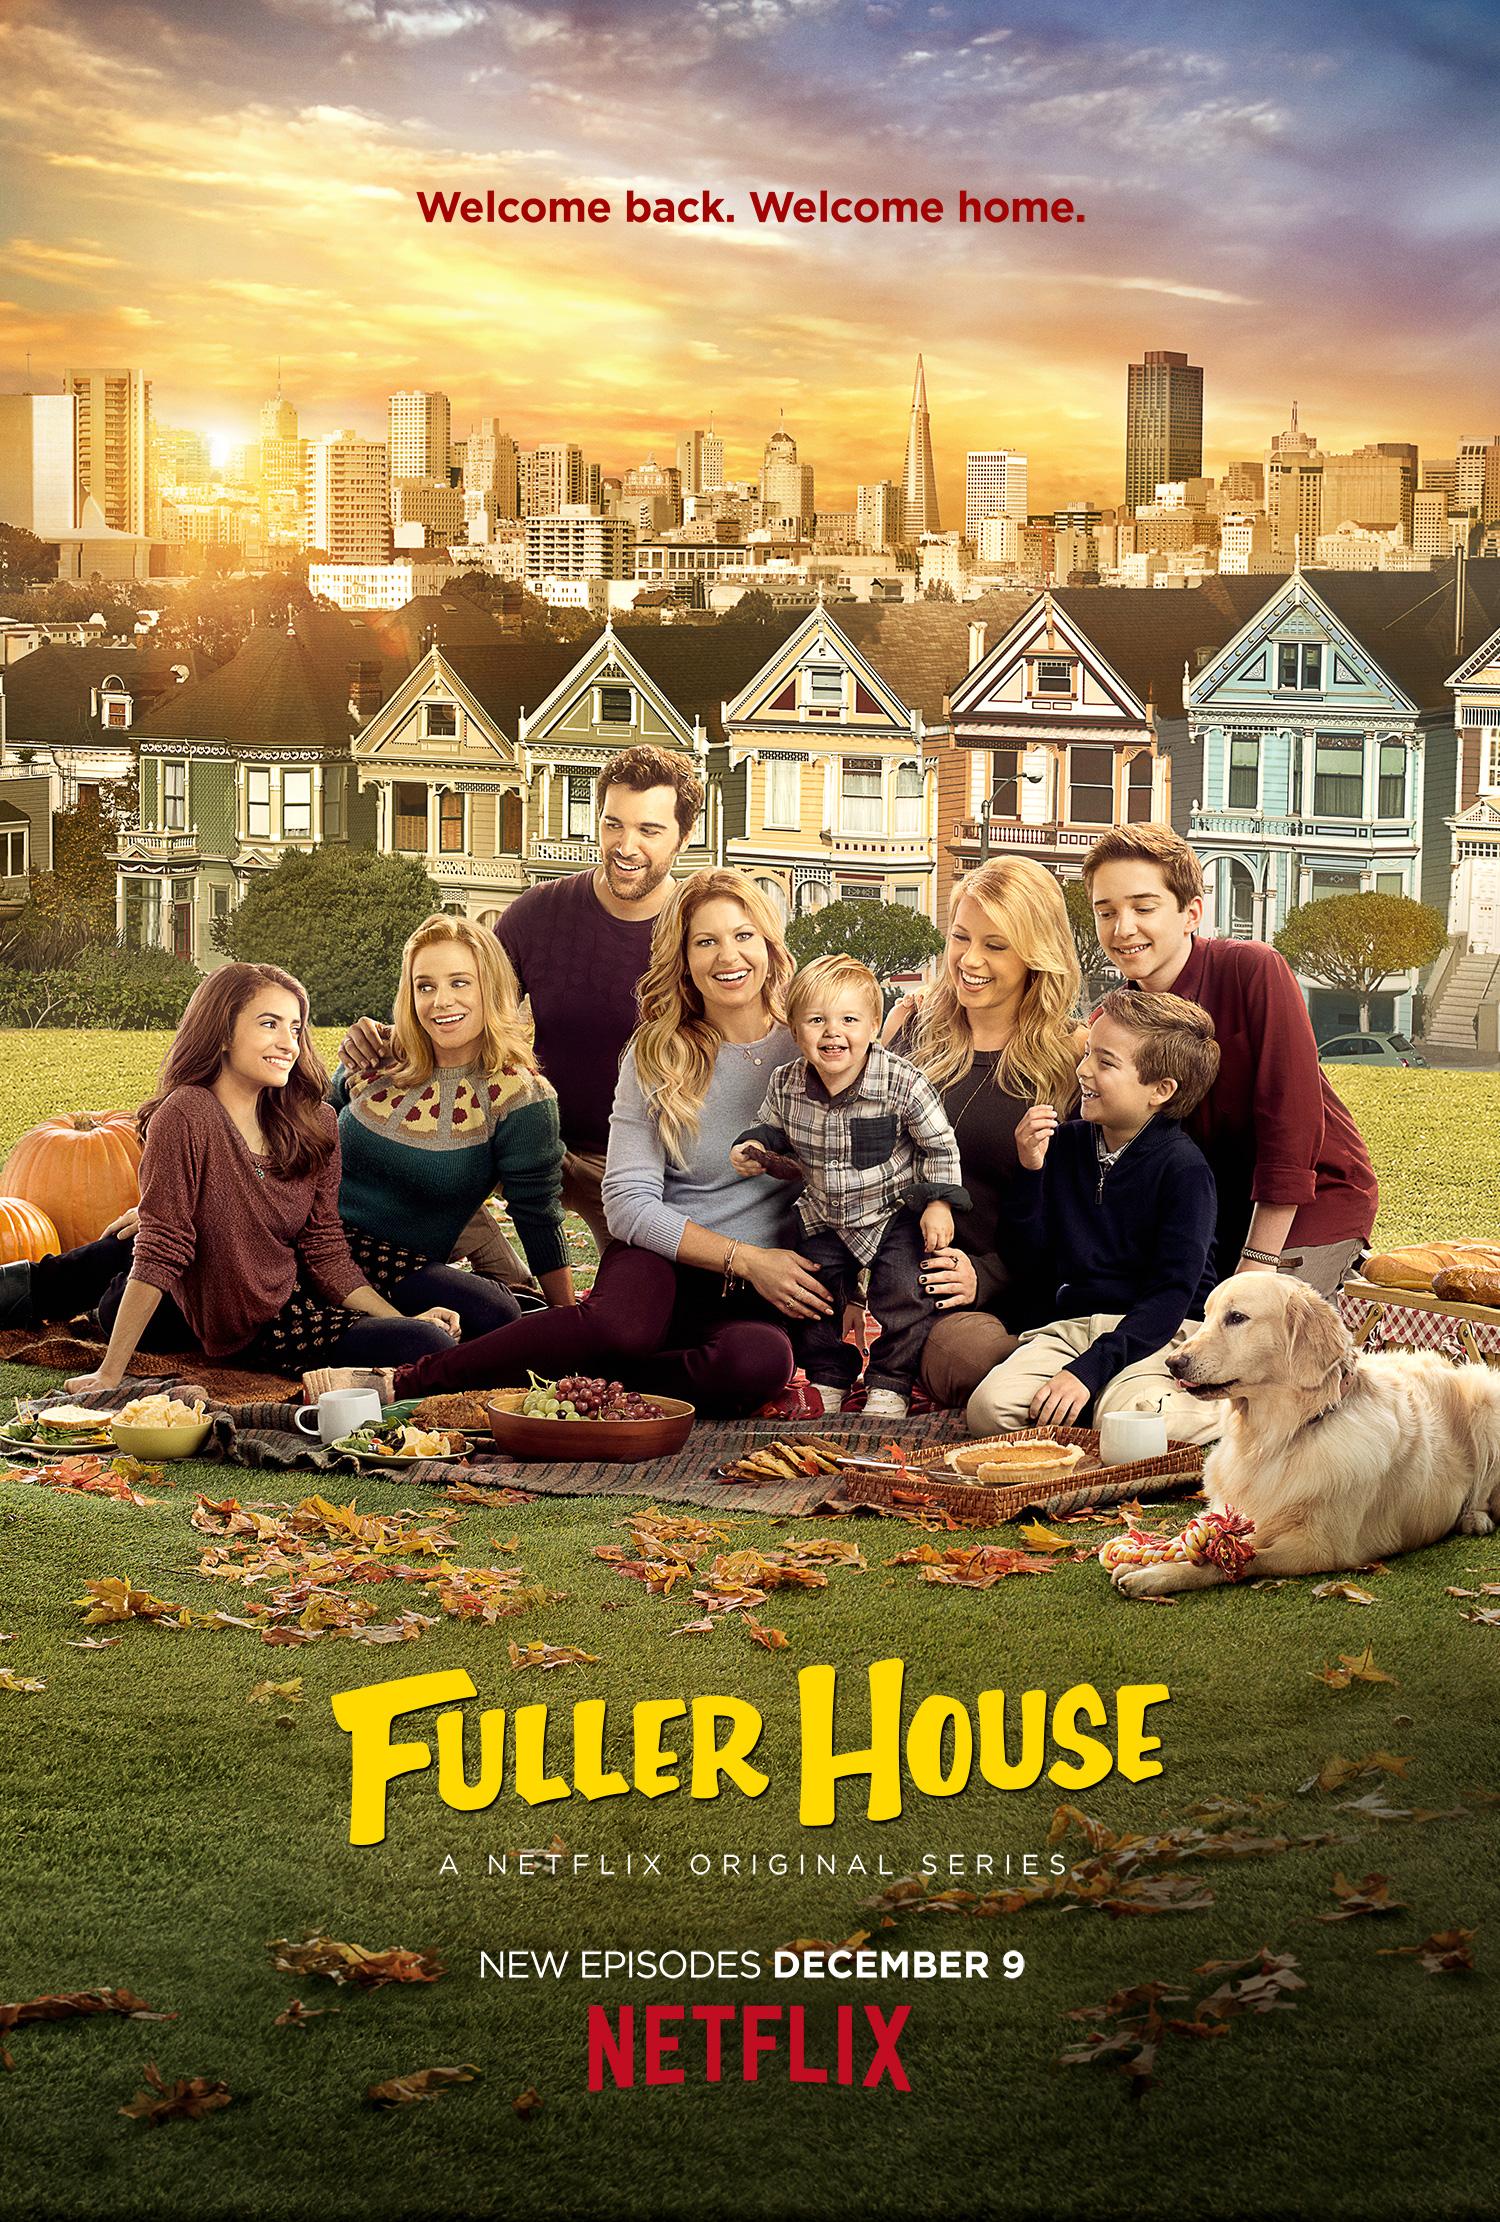 Fuller House